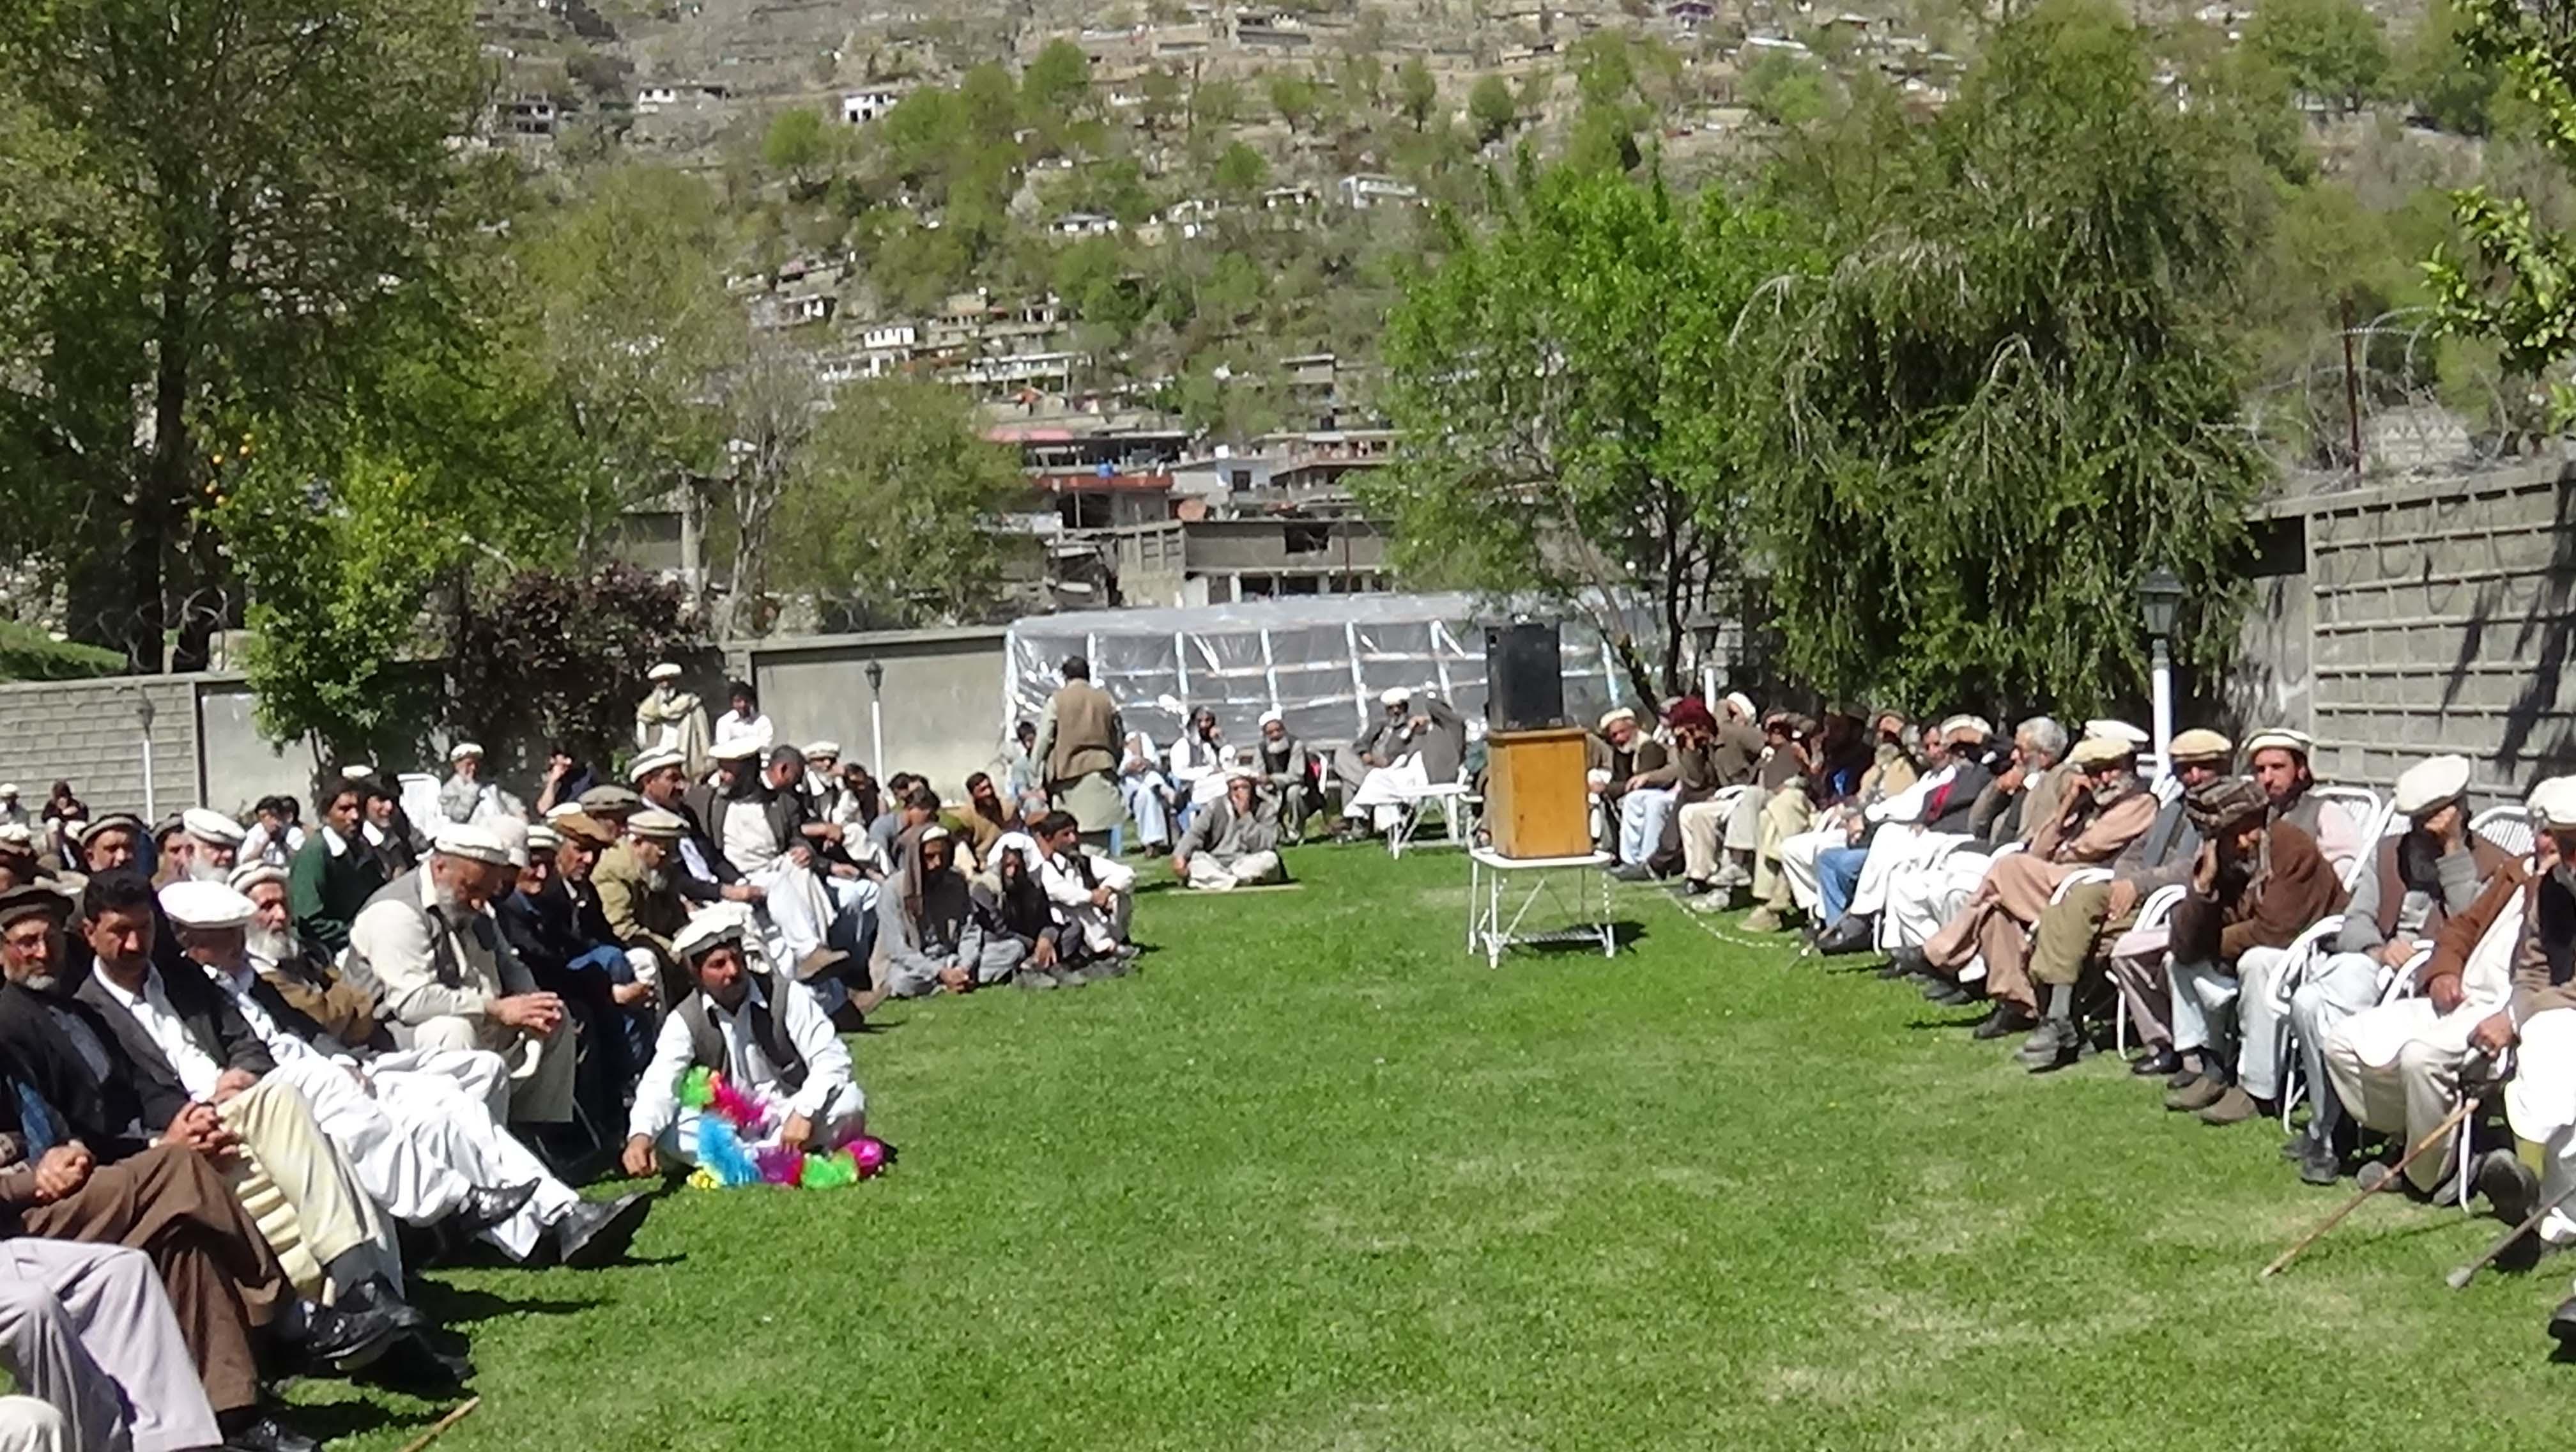 آل پاکستان مسلم لیگ کا بلدیاتی انتحابات کیلئے لائحہ عمل طے کرنے کیلئے مشاورتی اجلاس